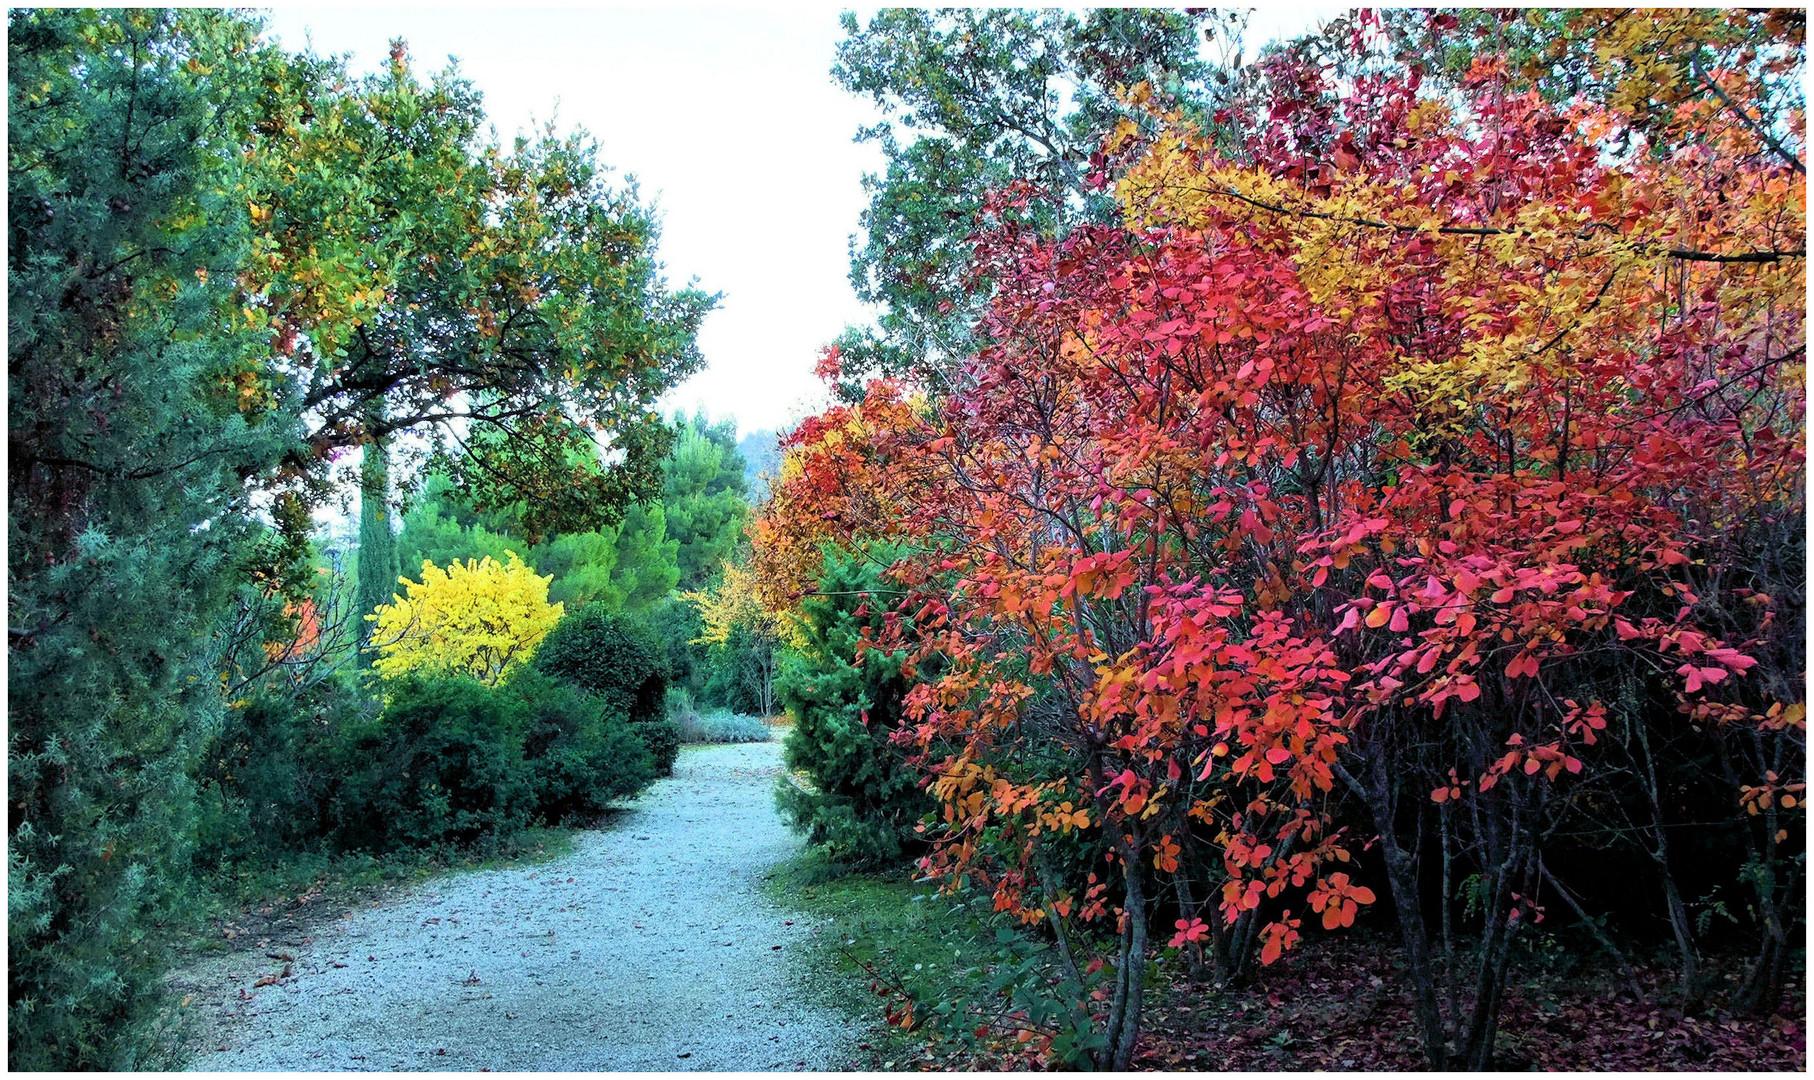 Le jardin aux couleurs